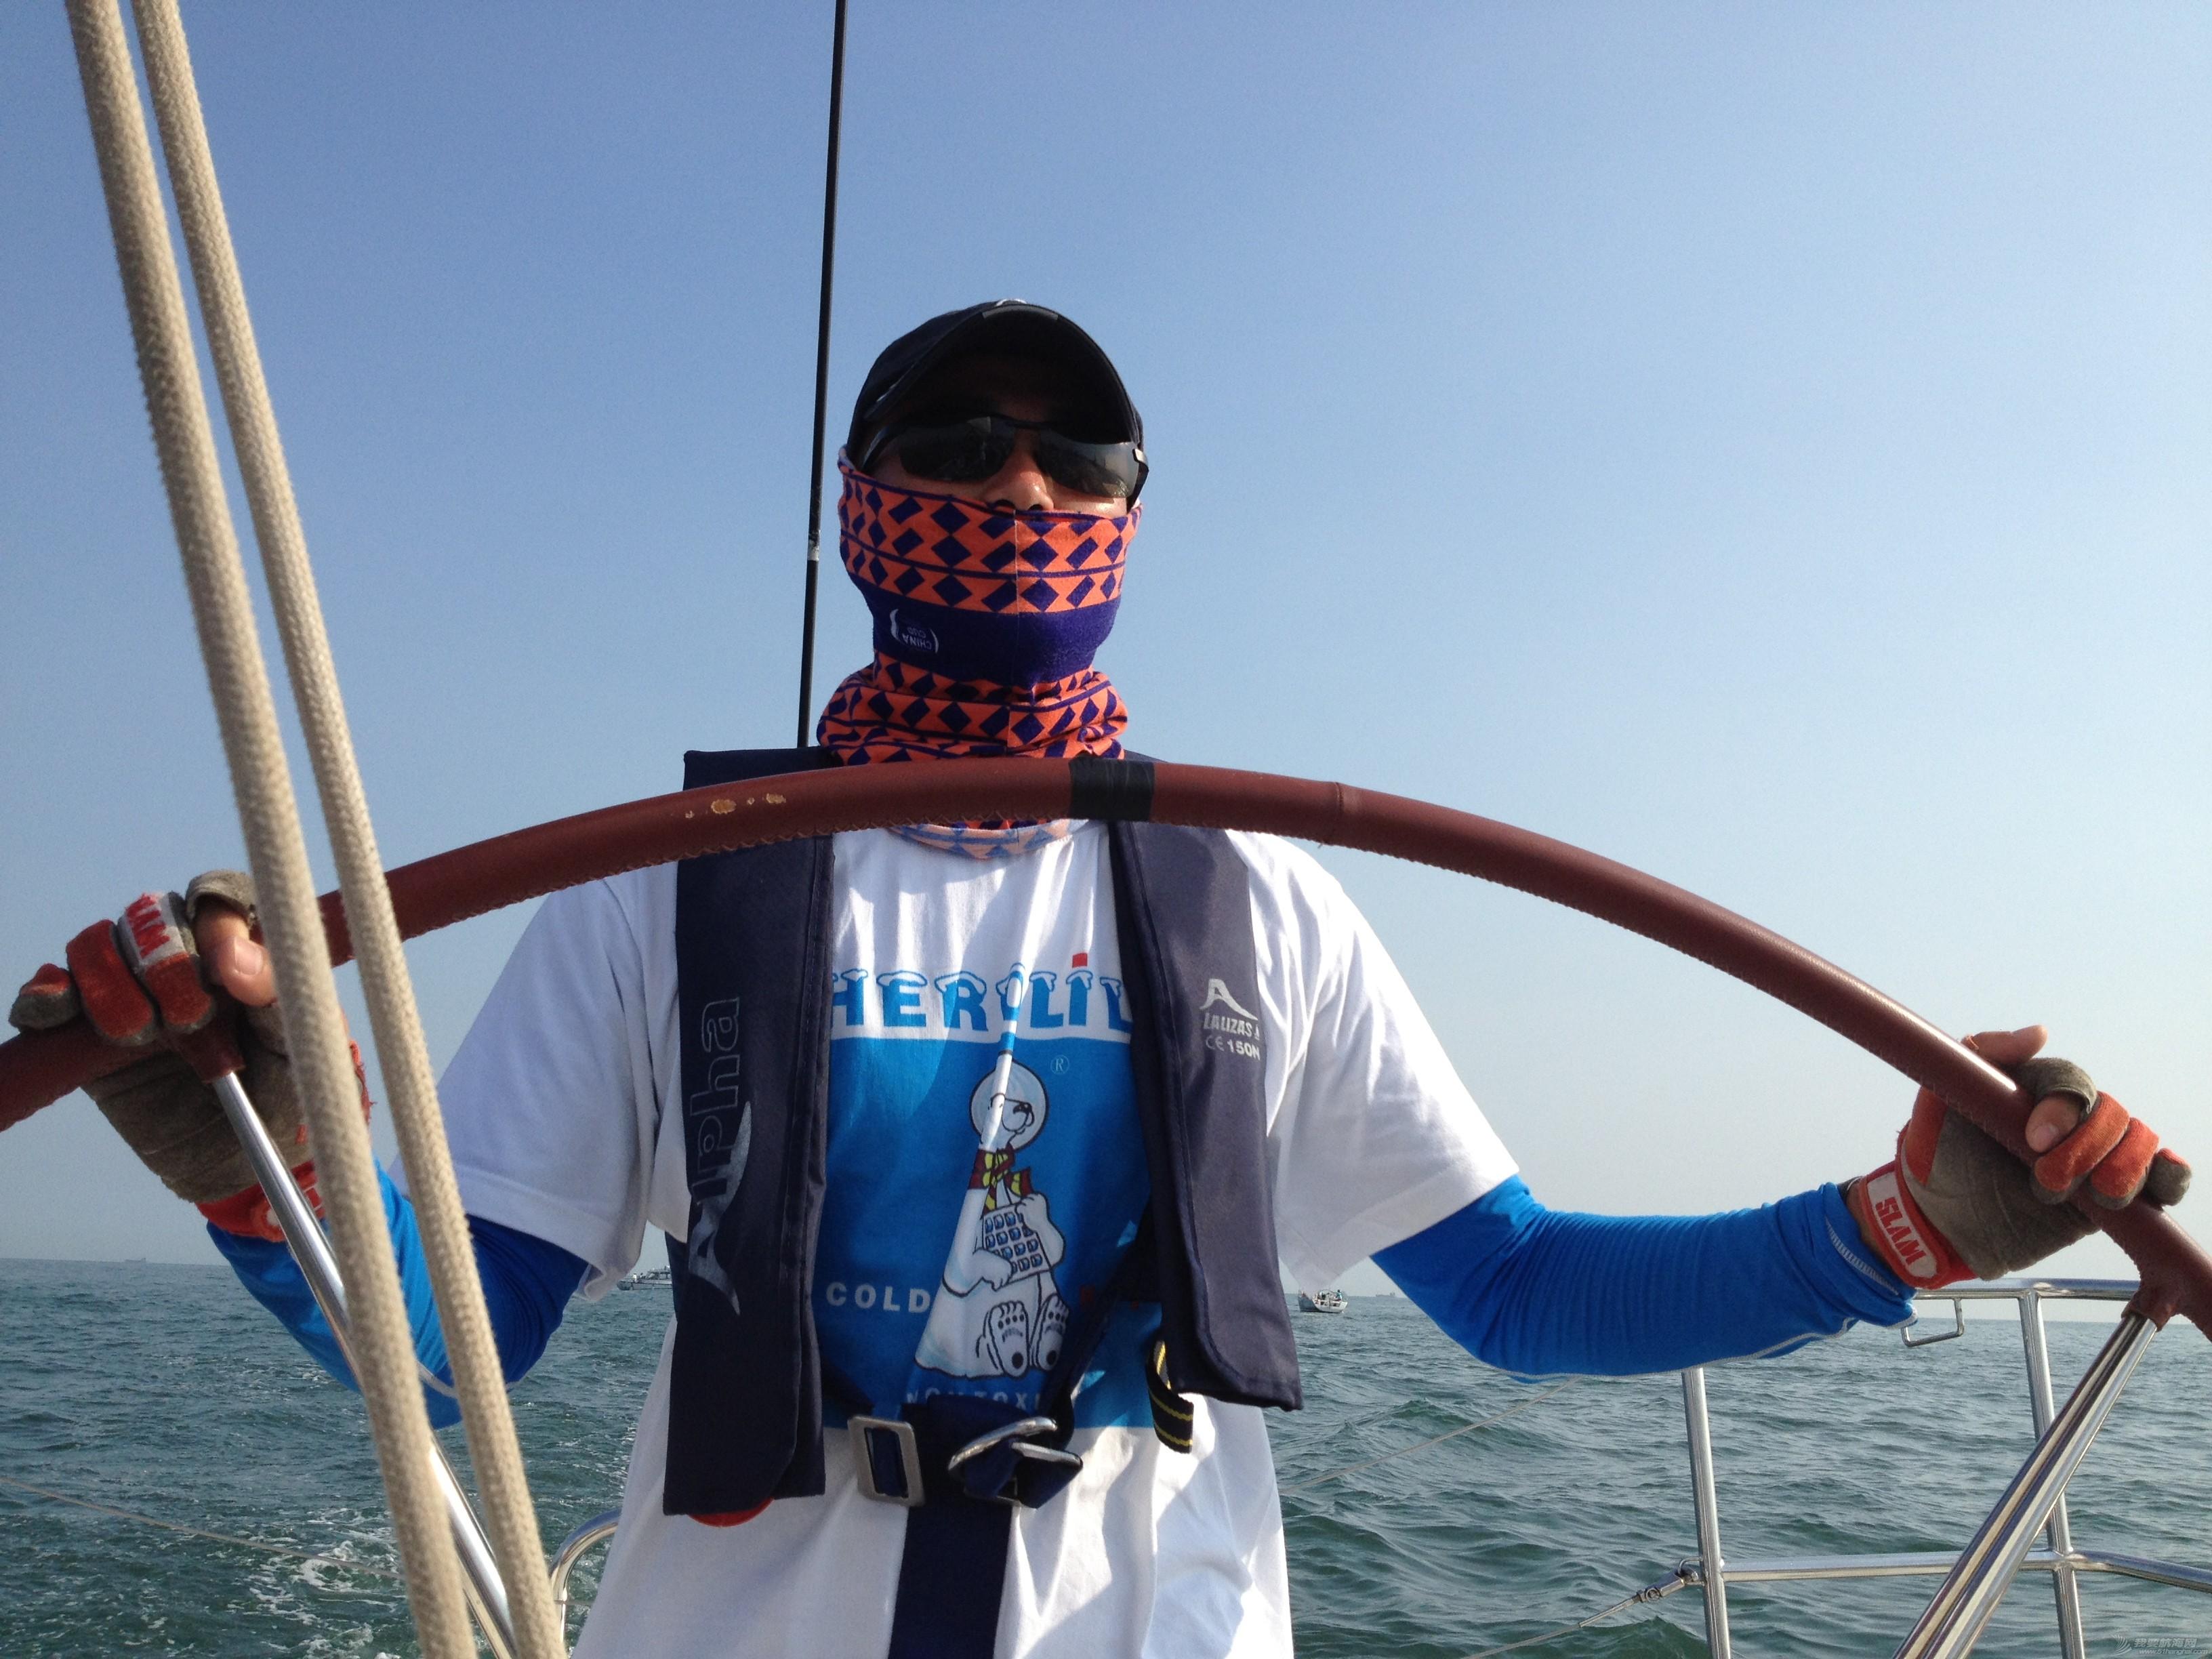 我要航海网帆船队招募参加第六届【CCOR】城市俱乐部国际帆船赛-队员 IMG_3628.JPG